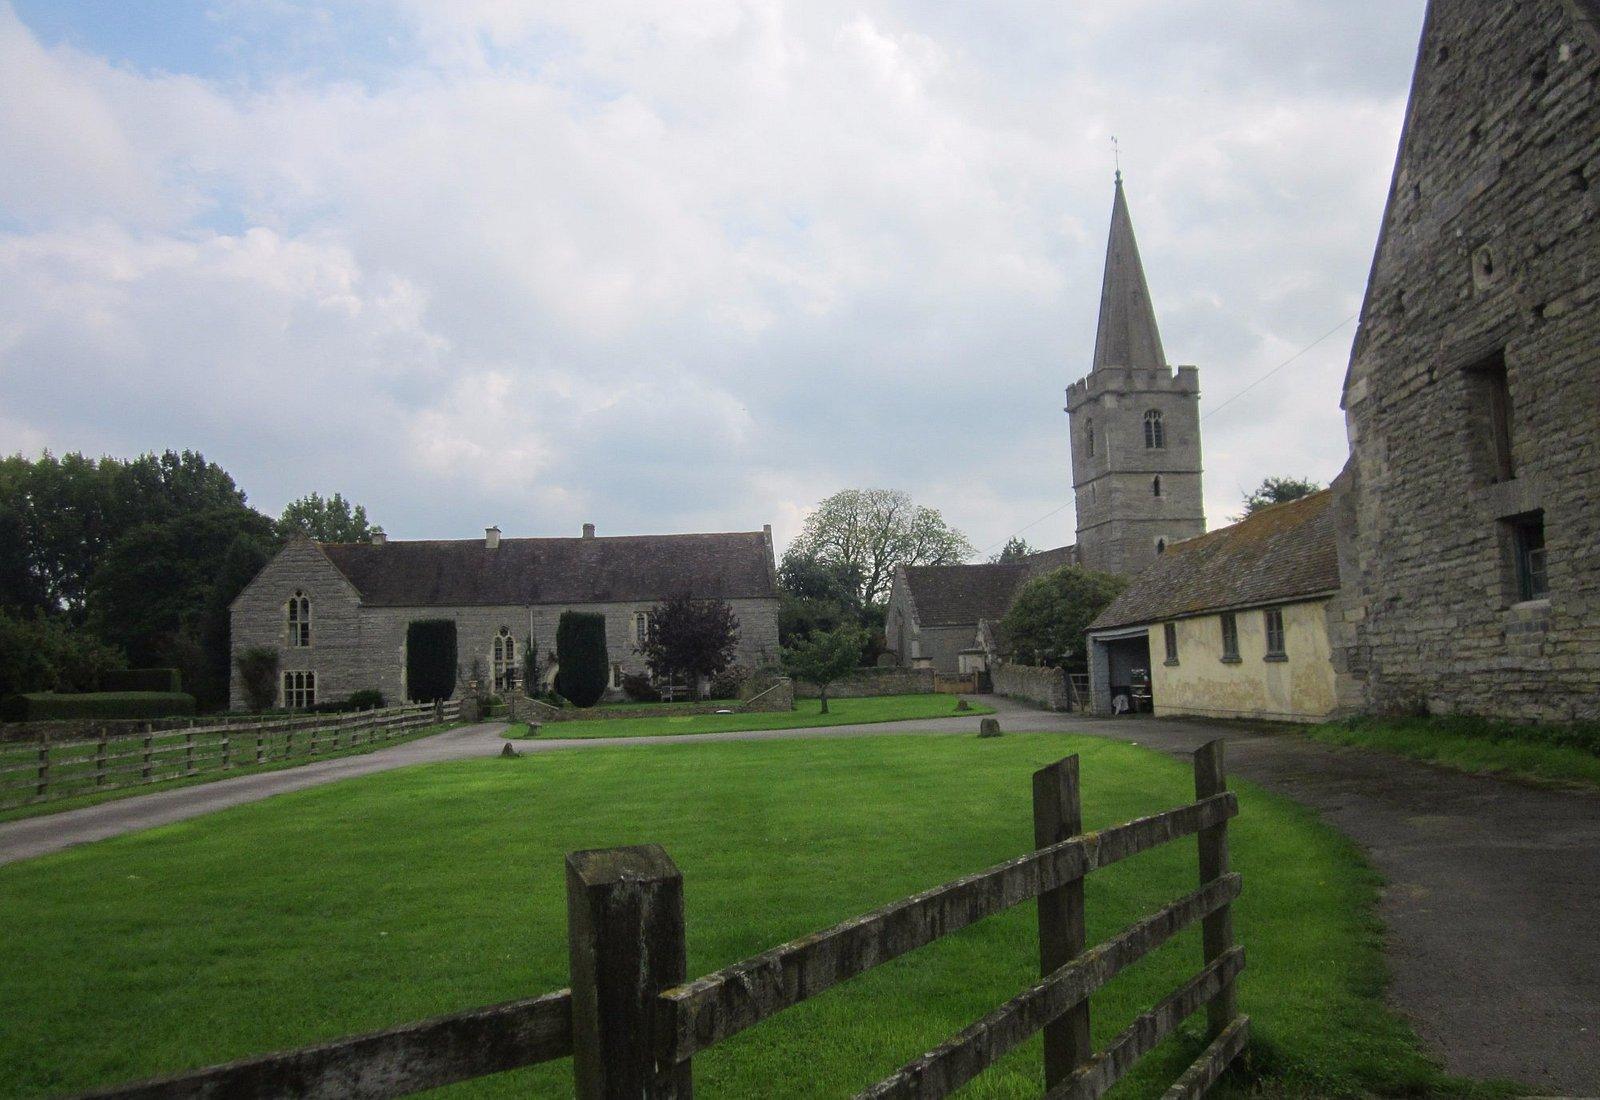 Adjacent church in Ashleworth